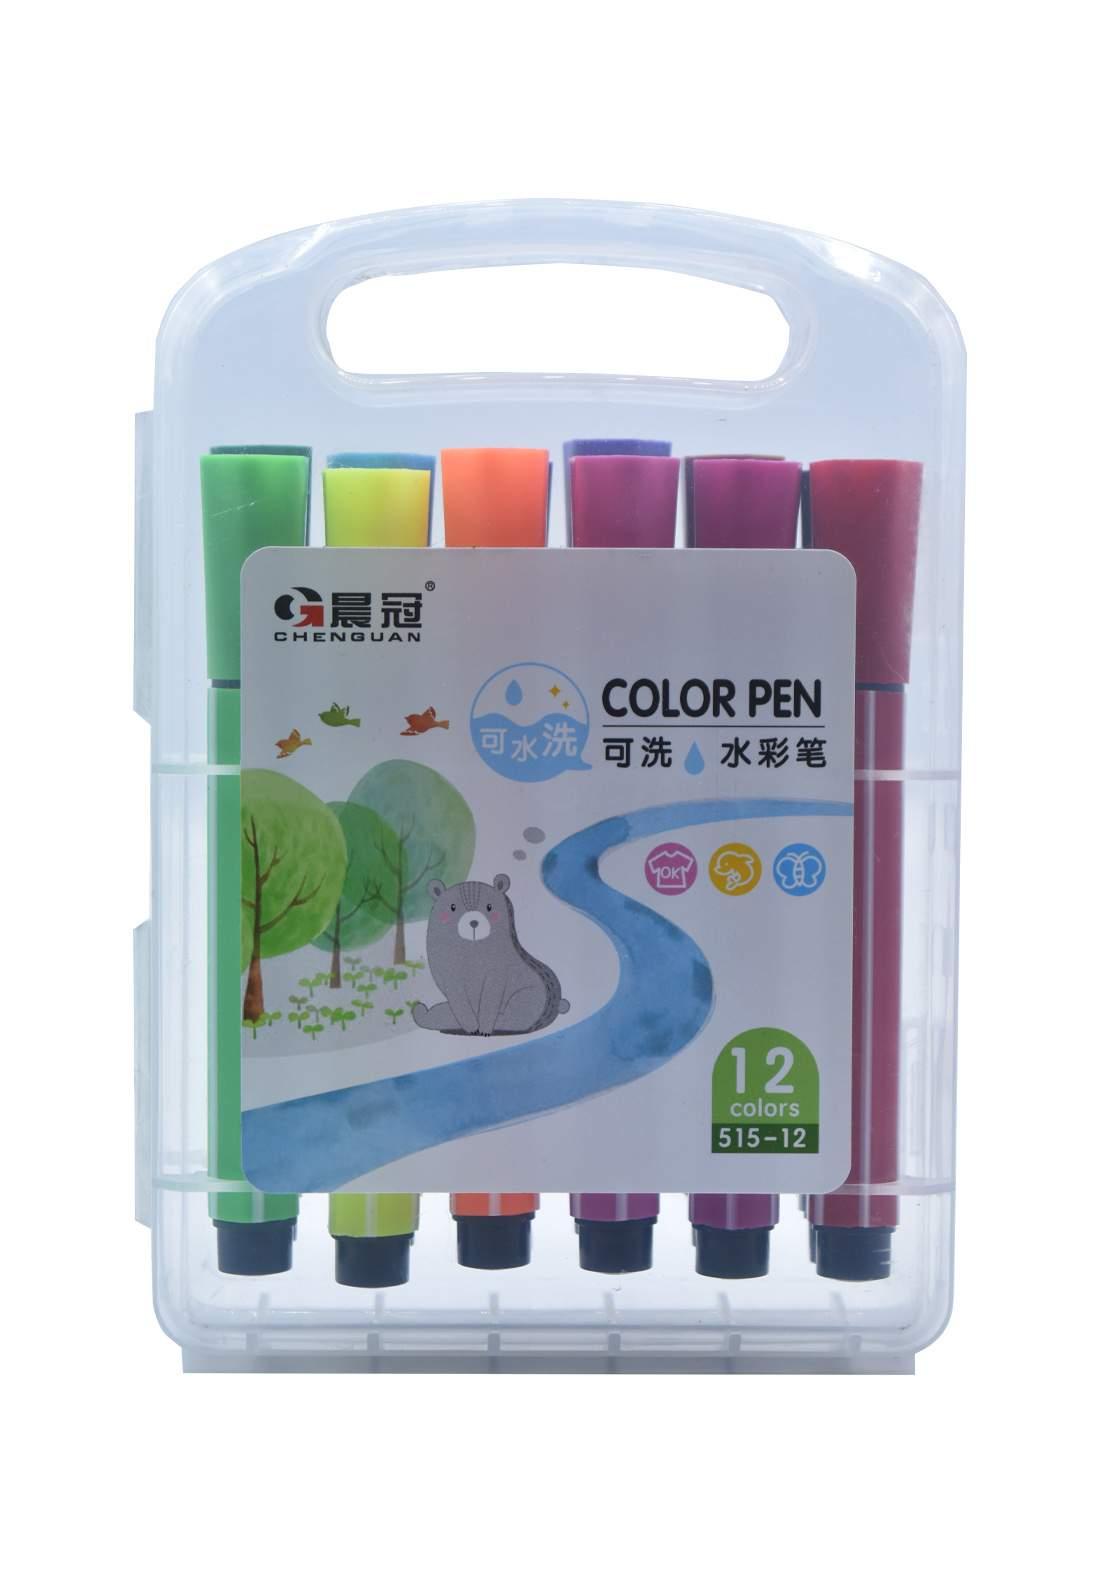 اقلام تلوين ماجك 12 لون Magic coloring pens